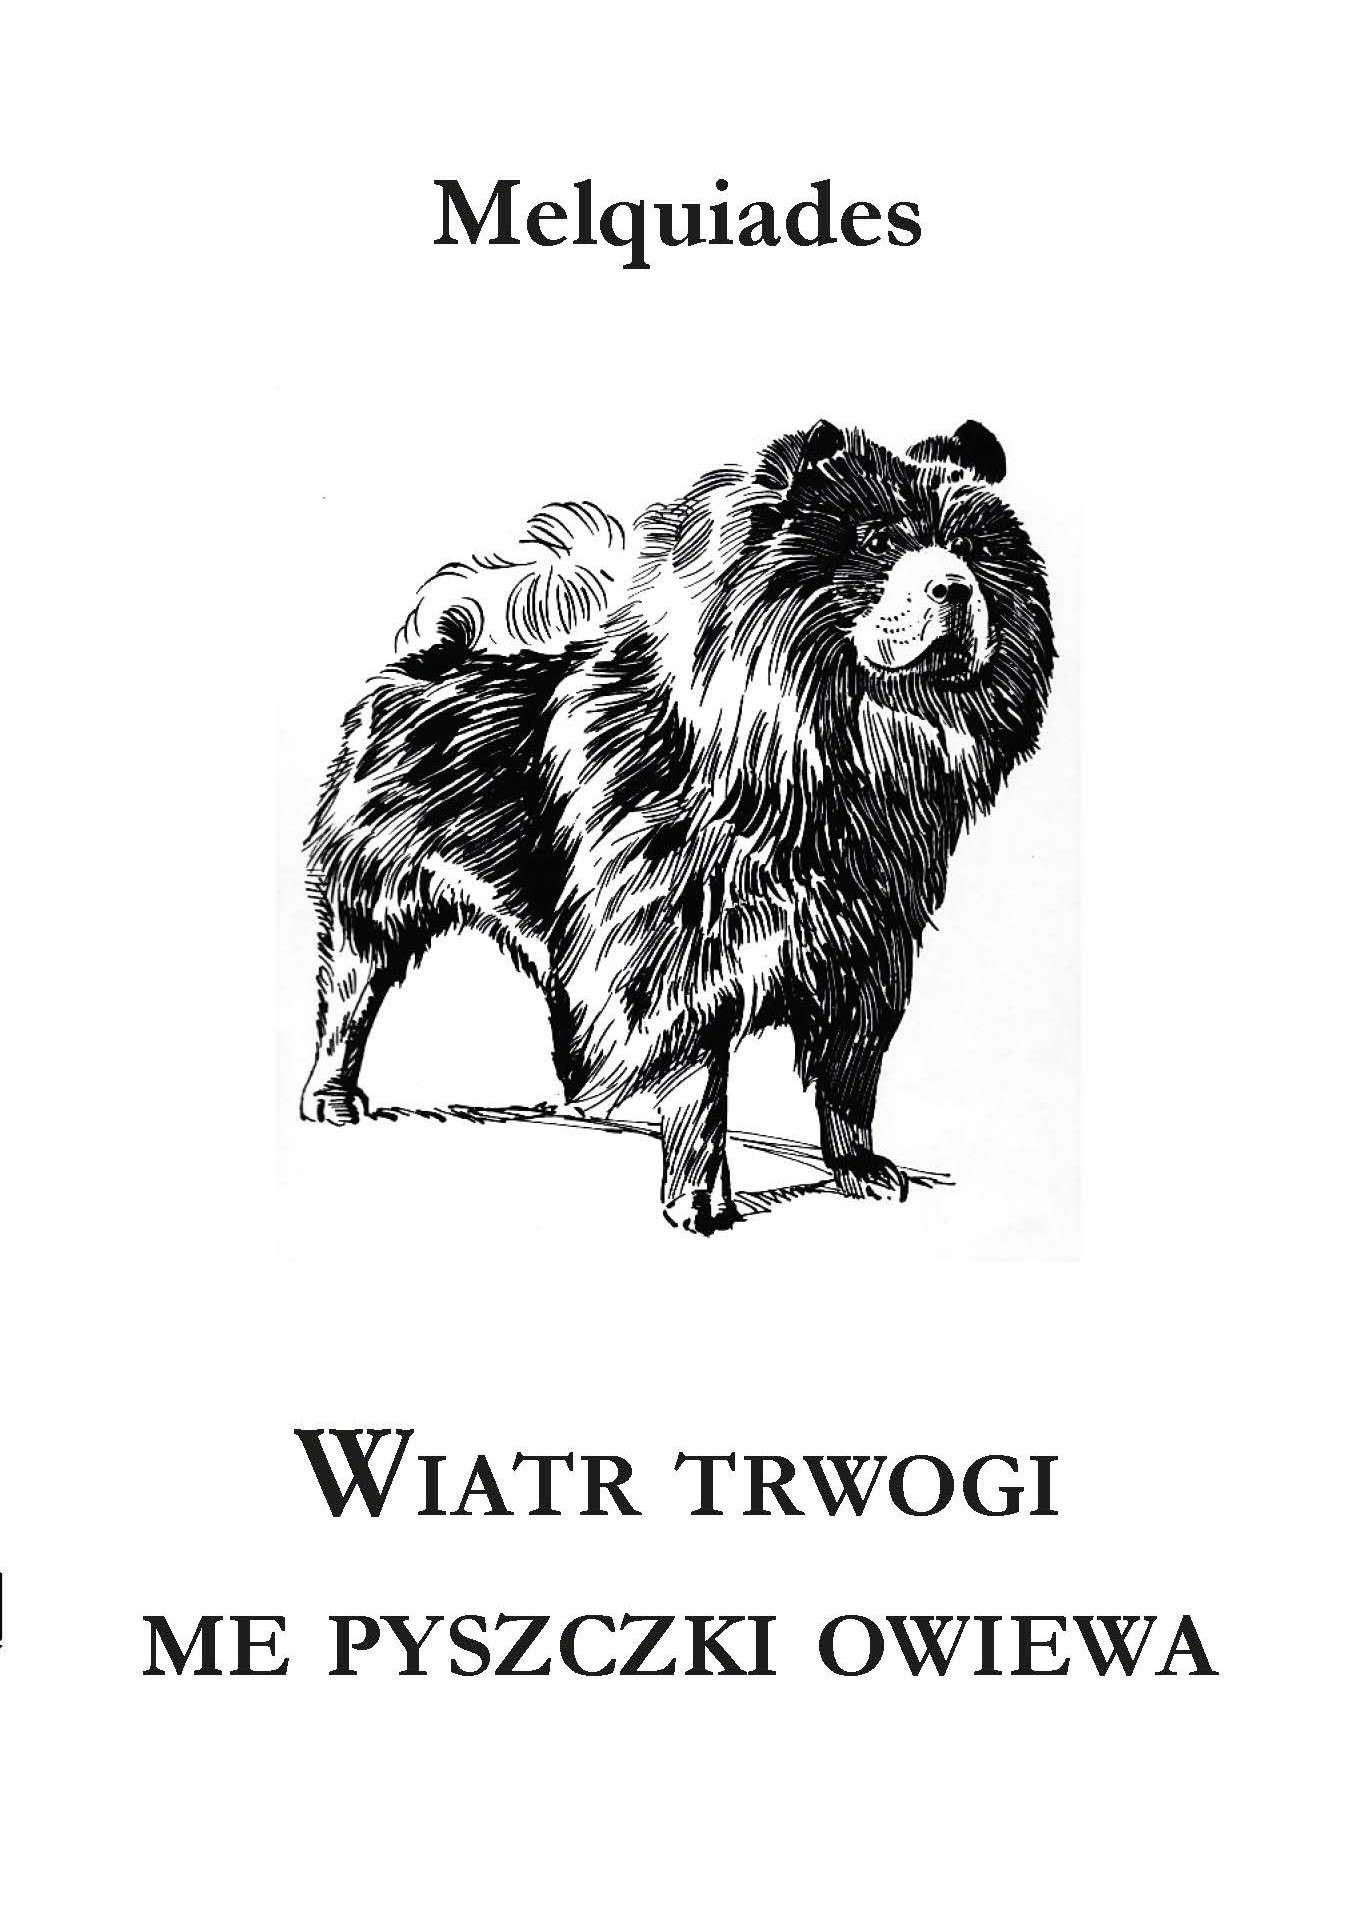 Wiatr trwogi me pyszczki owiewa - Ebook (Książka na Kindle) do pobrania w formacie MOBI